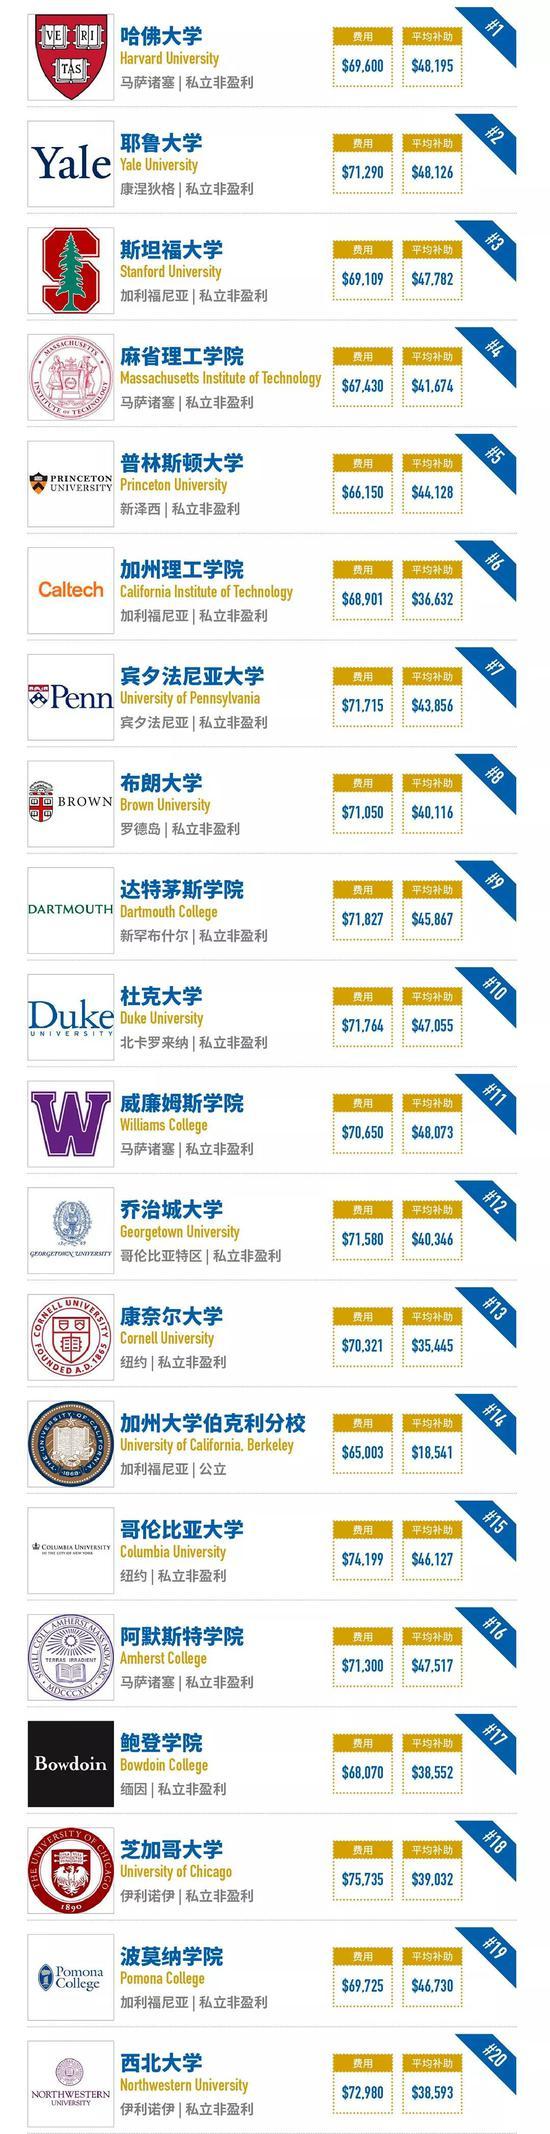 福布斯2018美国大学排行榜:耶鲁超越斯坦福